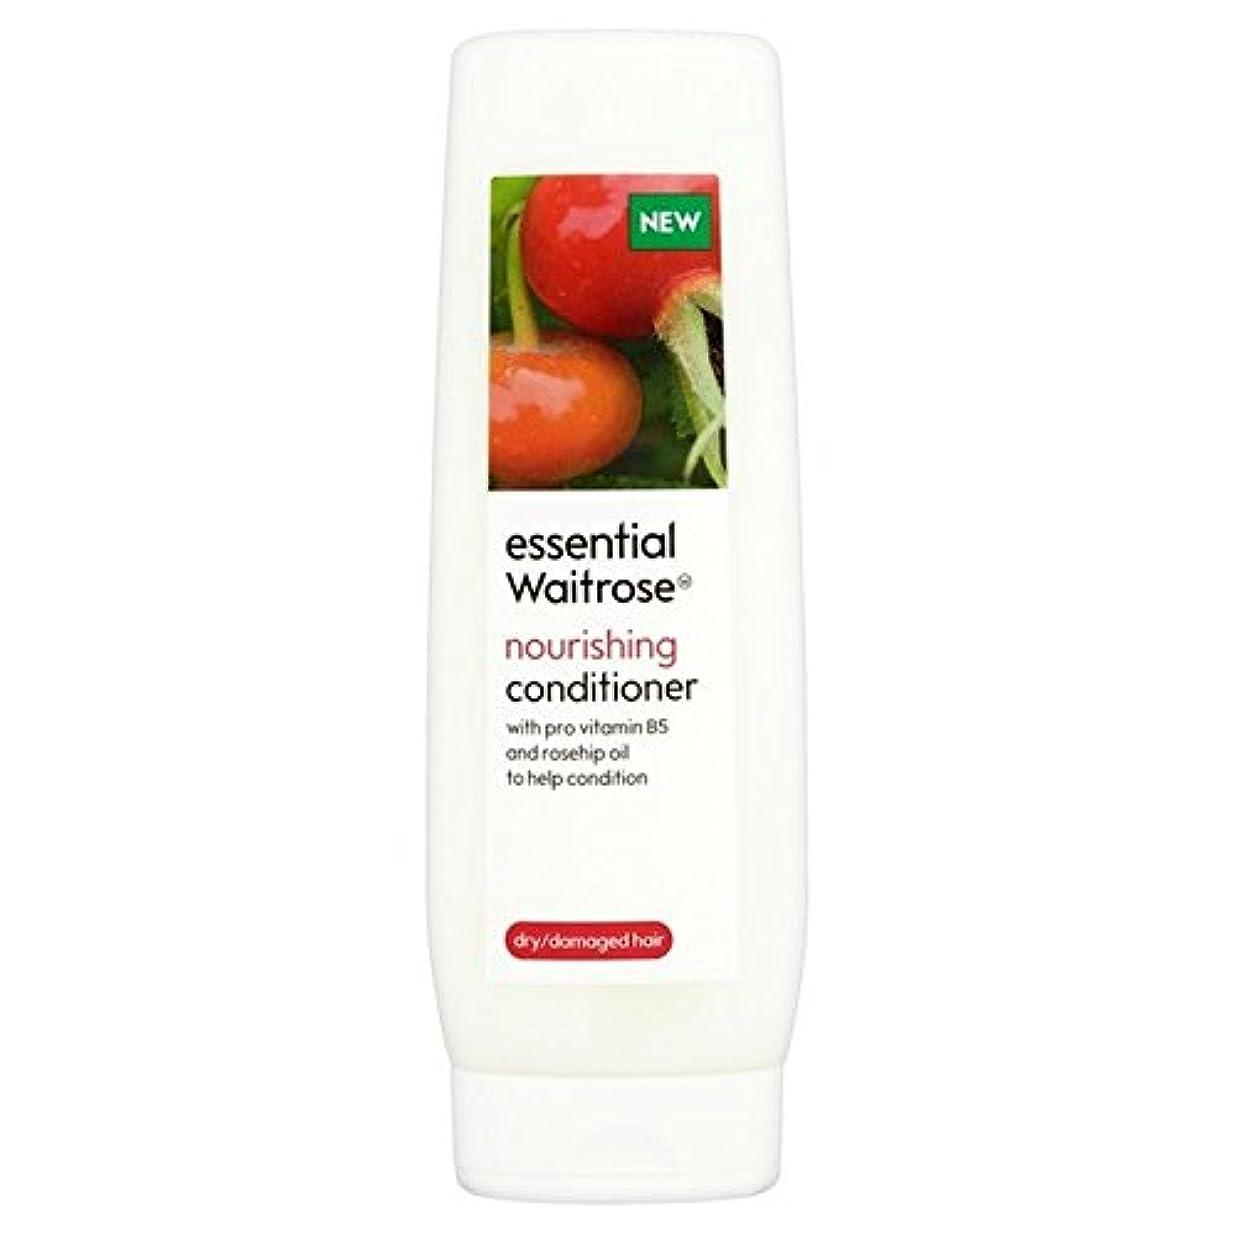 カフェ抜本的な焦がすドライ&ダメージヘア不可欠ウェイトローズの300ミリリットルのためのコンディショナー x2 - Conditioner for Dry & Damaged Hair essential Waitrose 300ml (Pack...